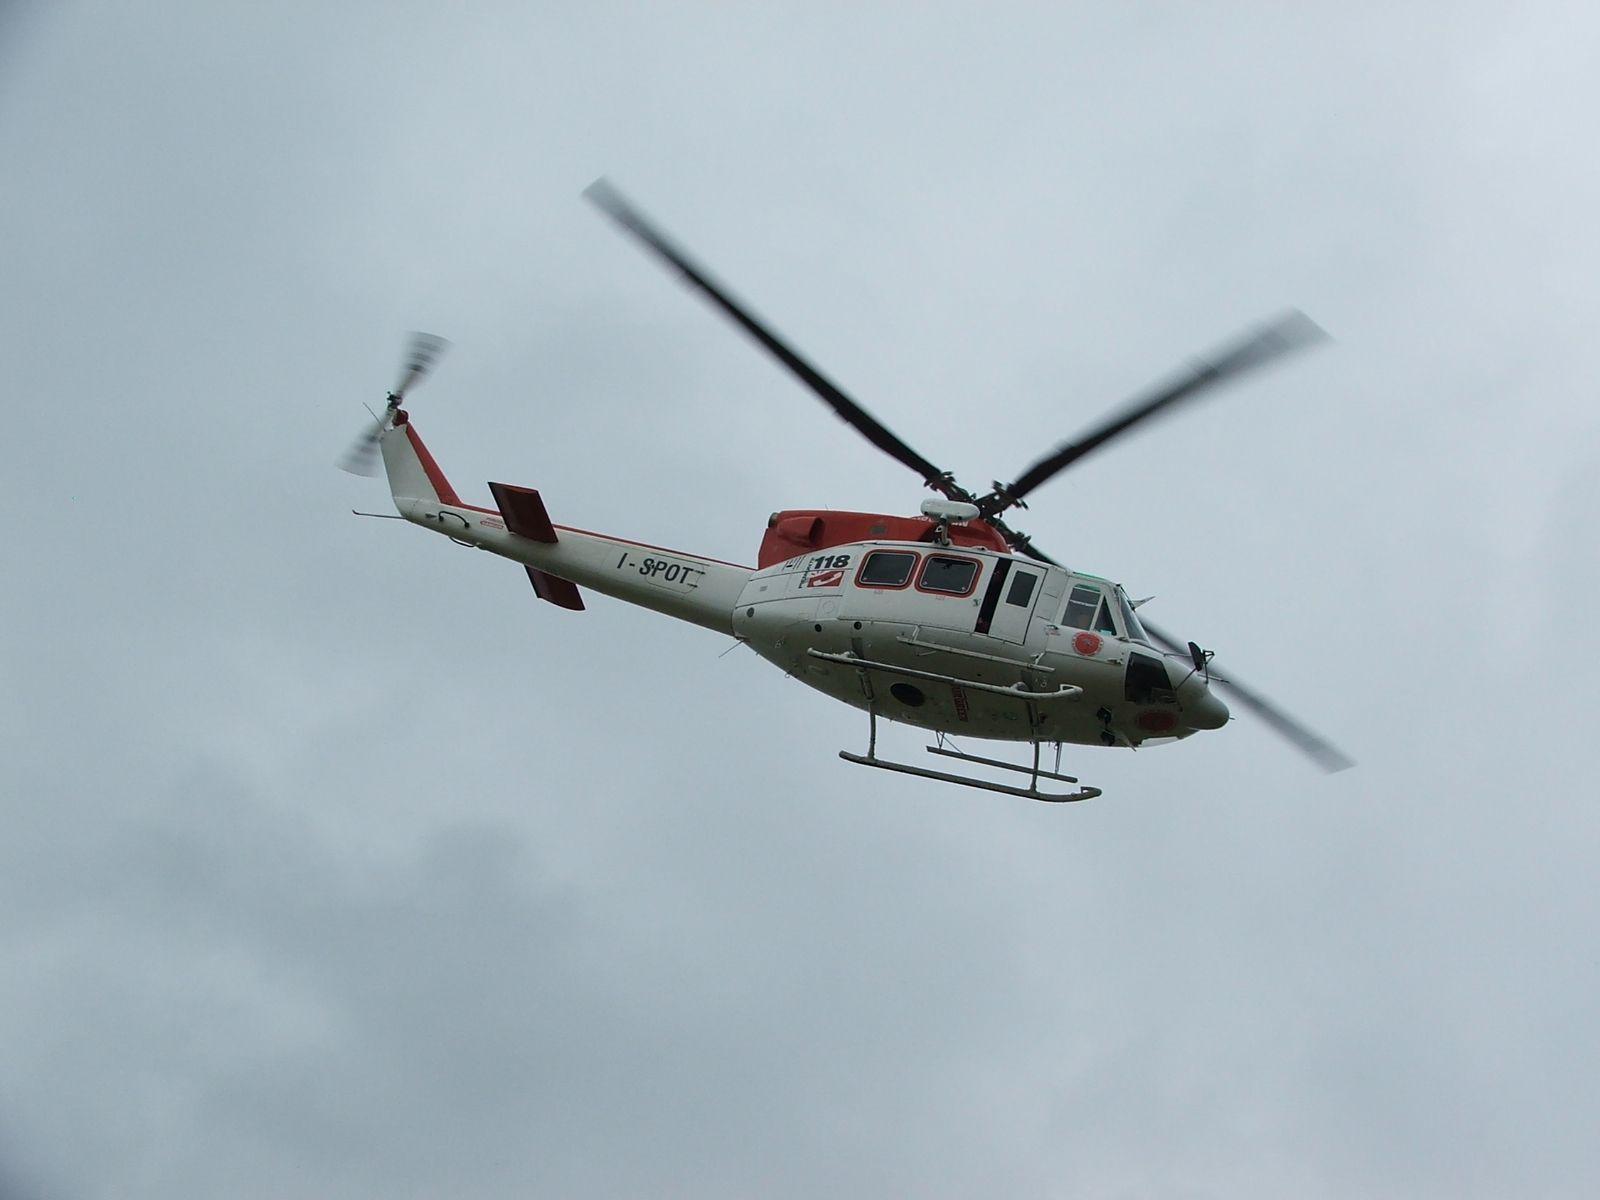 CUORGNE' - Sbaglia l'atterraggio: un parapendista ferito